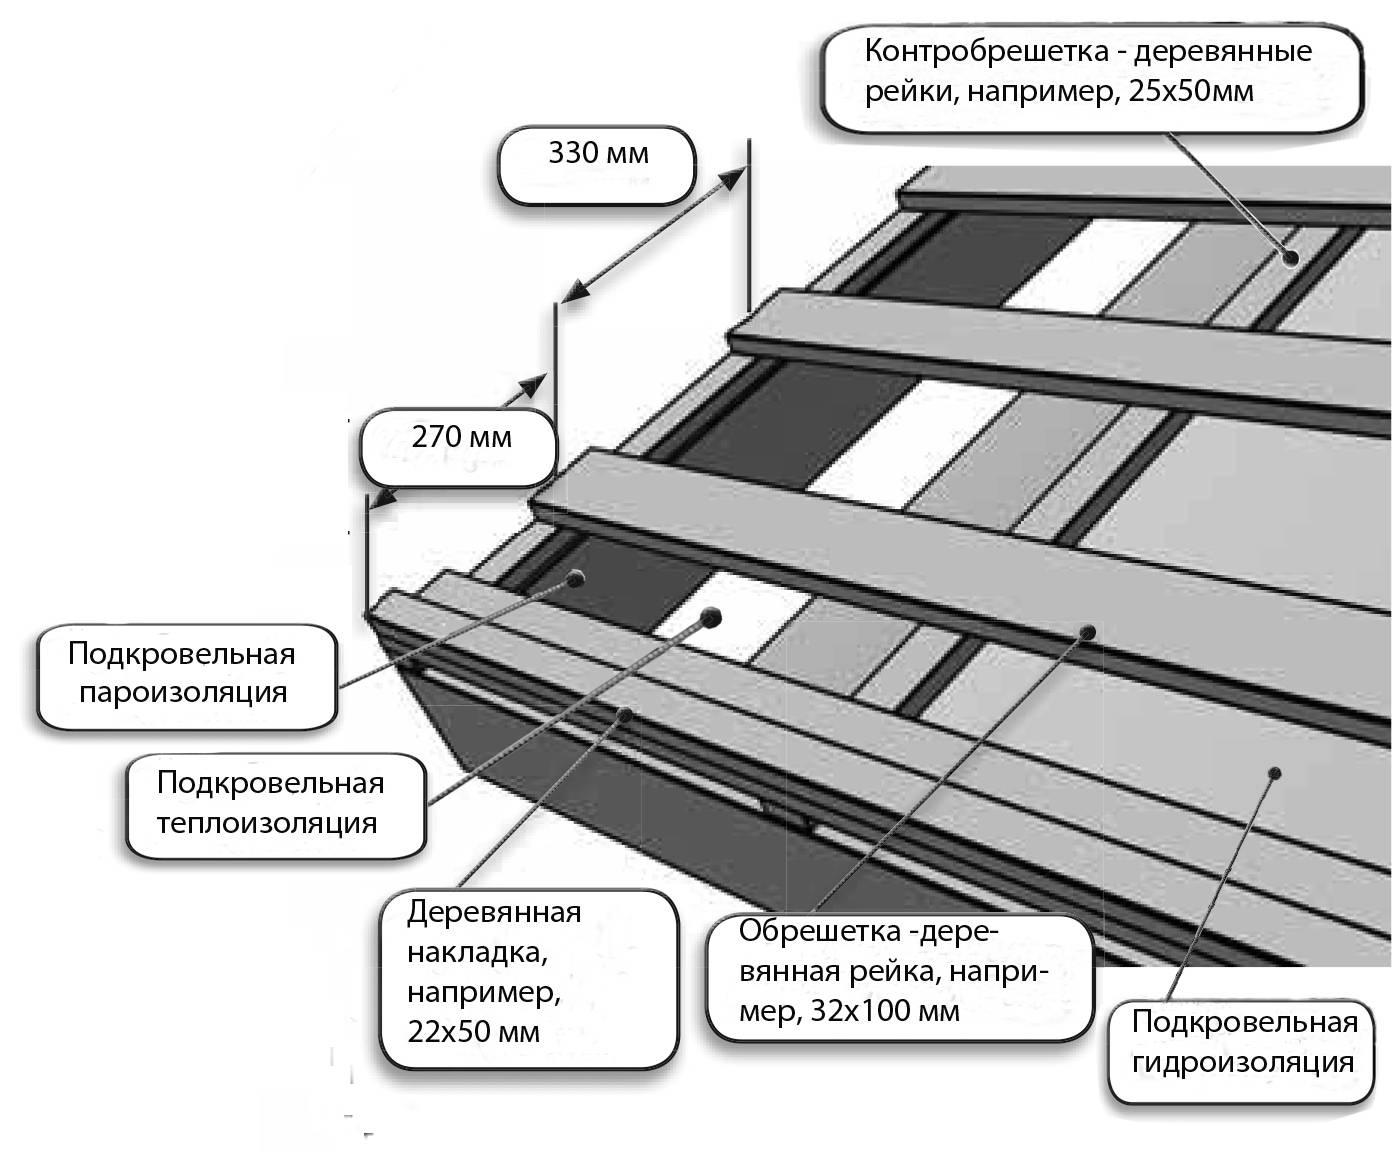 Расчёт шага обрешётки при монтаже кровельного покрытия